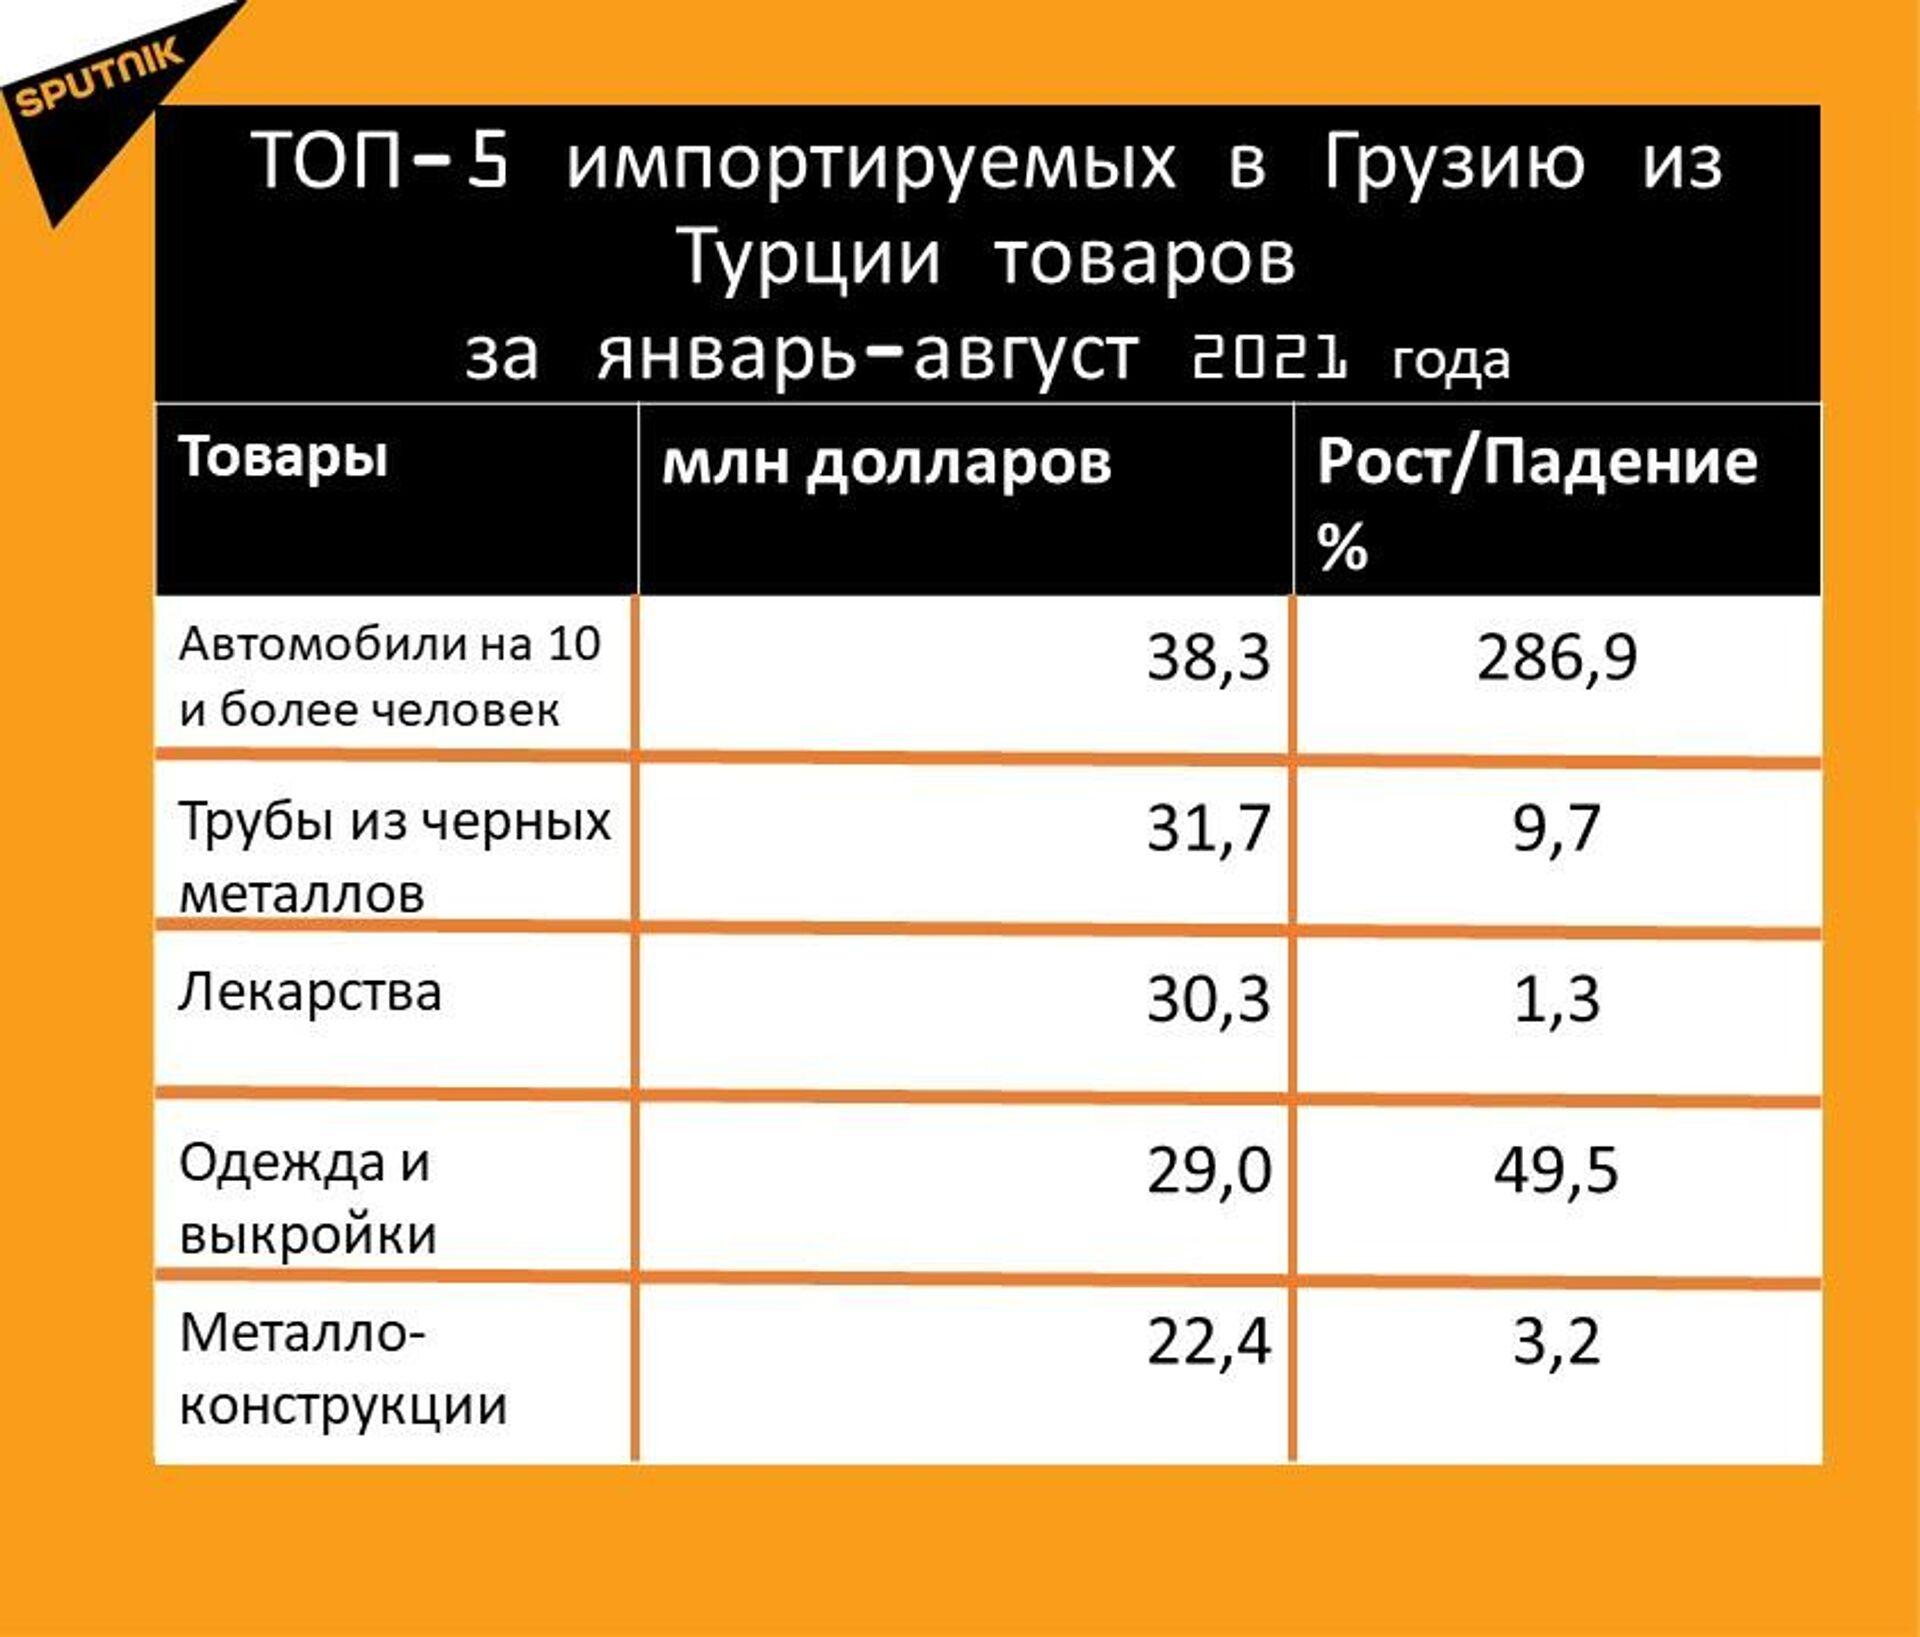 Статистика внешнеторгового оборота Грузии с Турцией за январь-август 2021 года, импорт - Sputnik Грузия, 1920, 29.09.2021